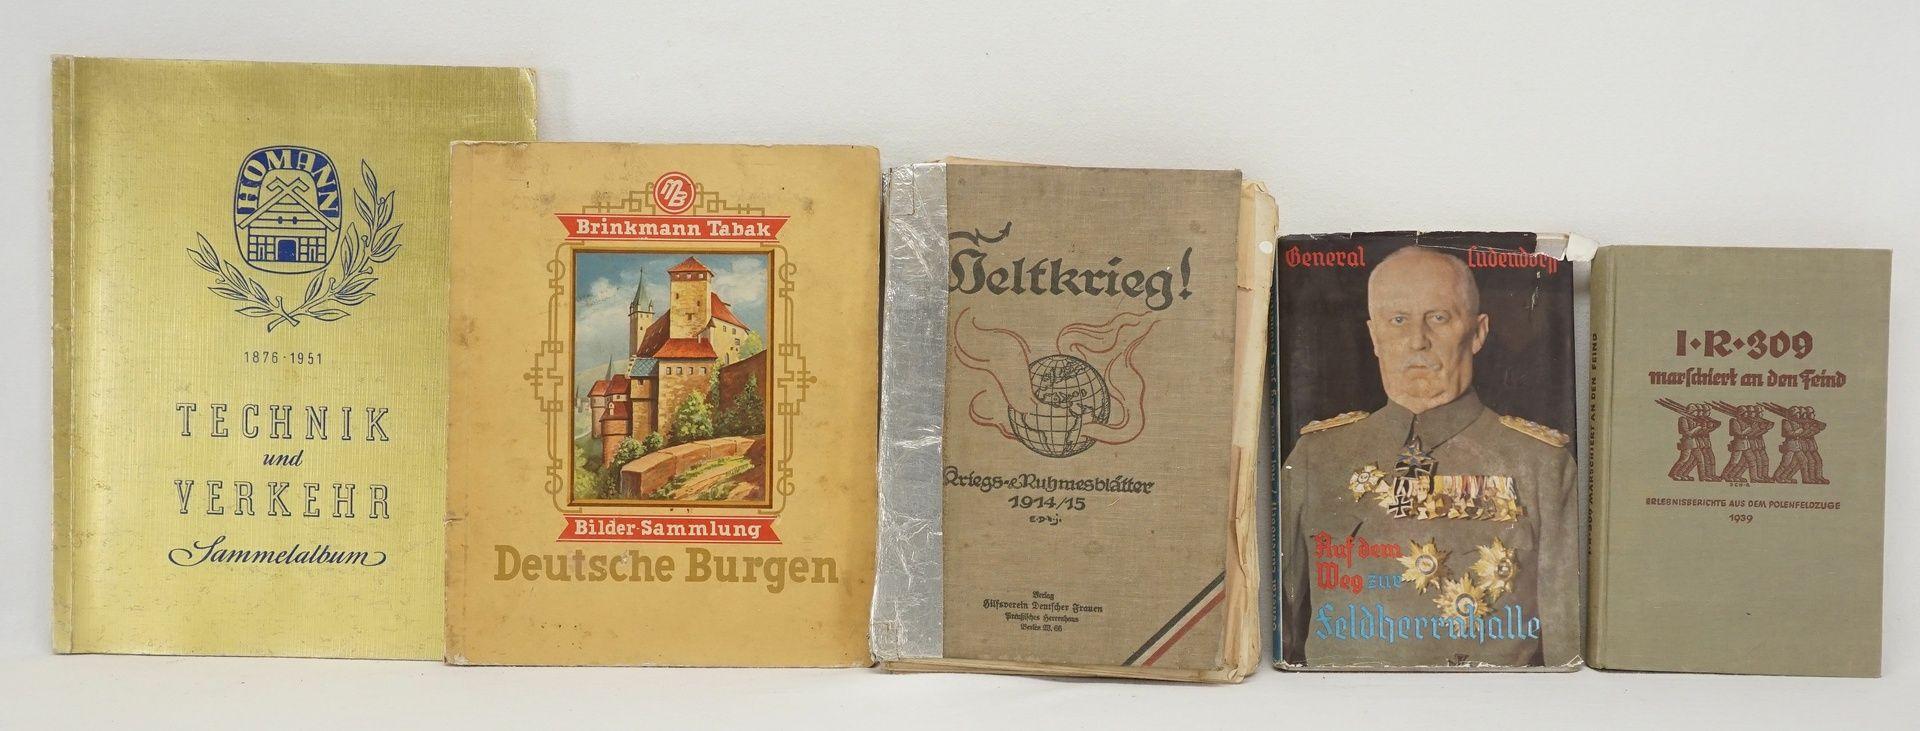 22 militärhistorische Bücher / Hefte - Bild 4 aus 5